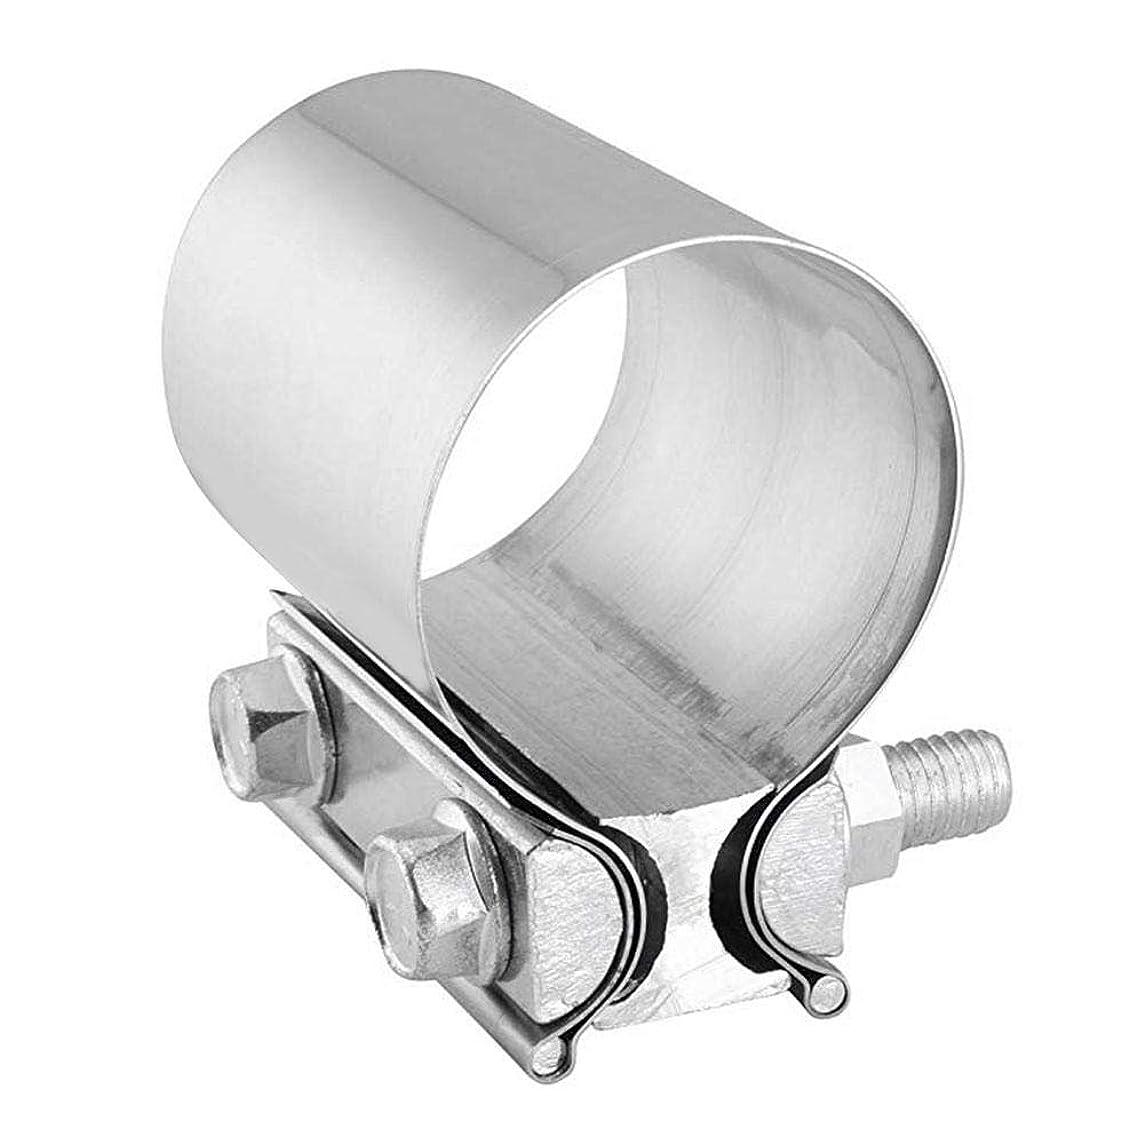 バラバラにするこんにちは慣性クランプ 排気管クランプ 高品質アルミメッキステンレス鋼 長寿命 高強度 高温耐性 高品質アルミメッキステンレス鋼を採用ました、長寿命があるな排気管クランプです